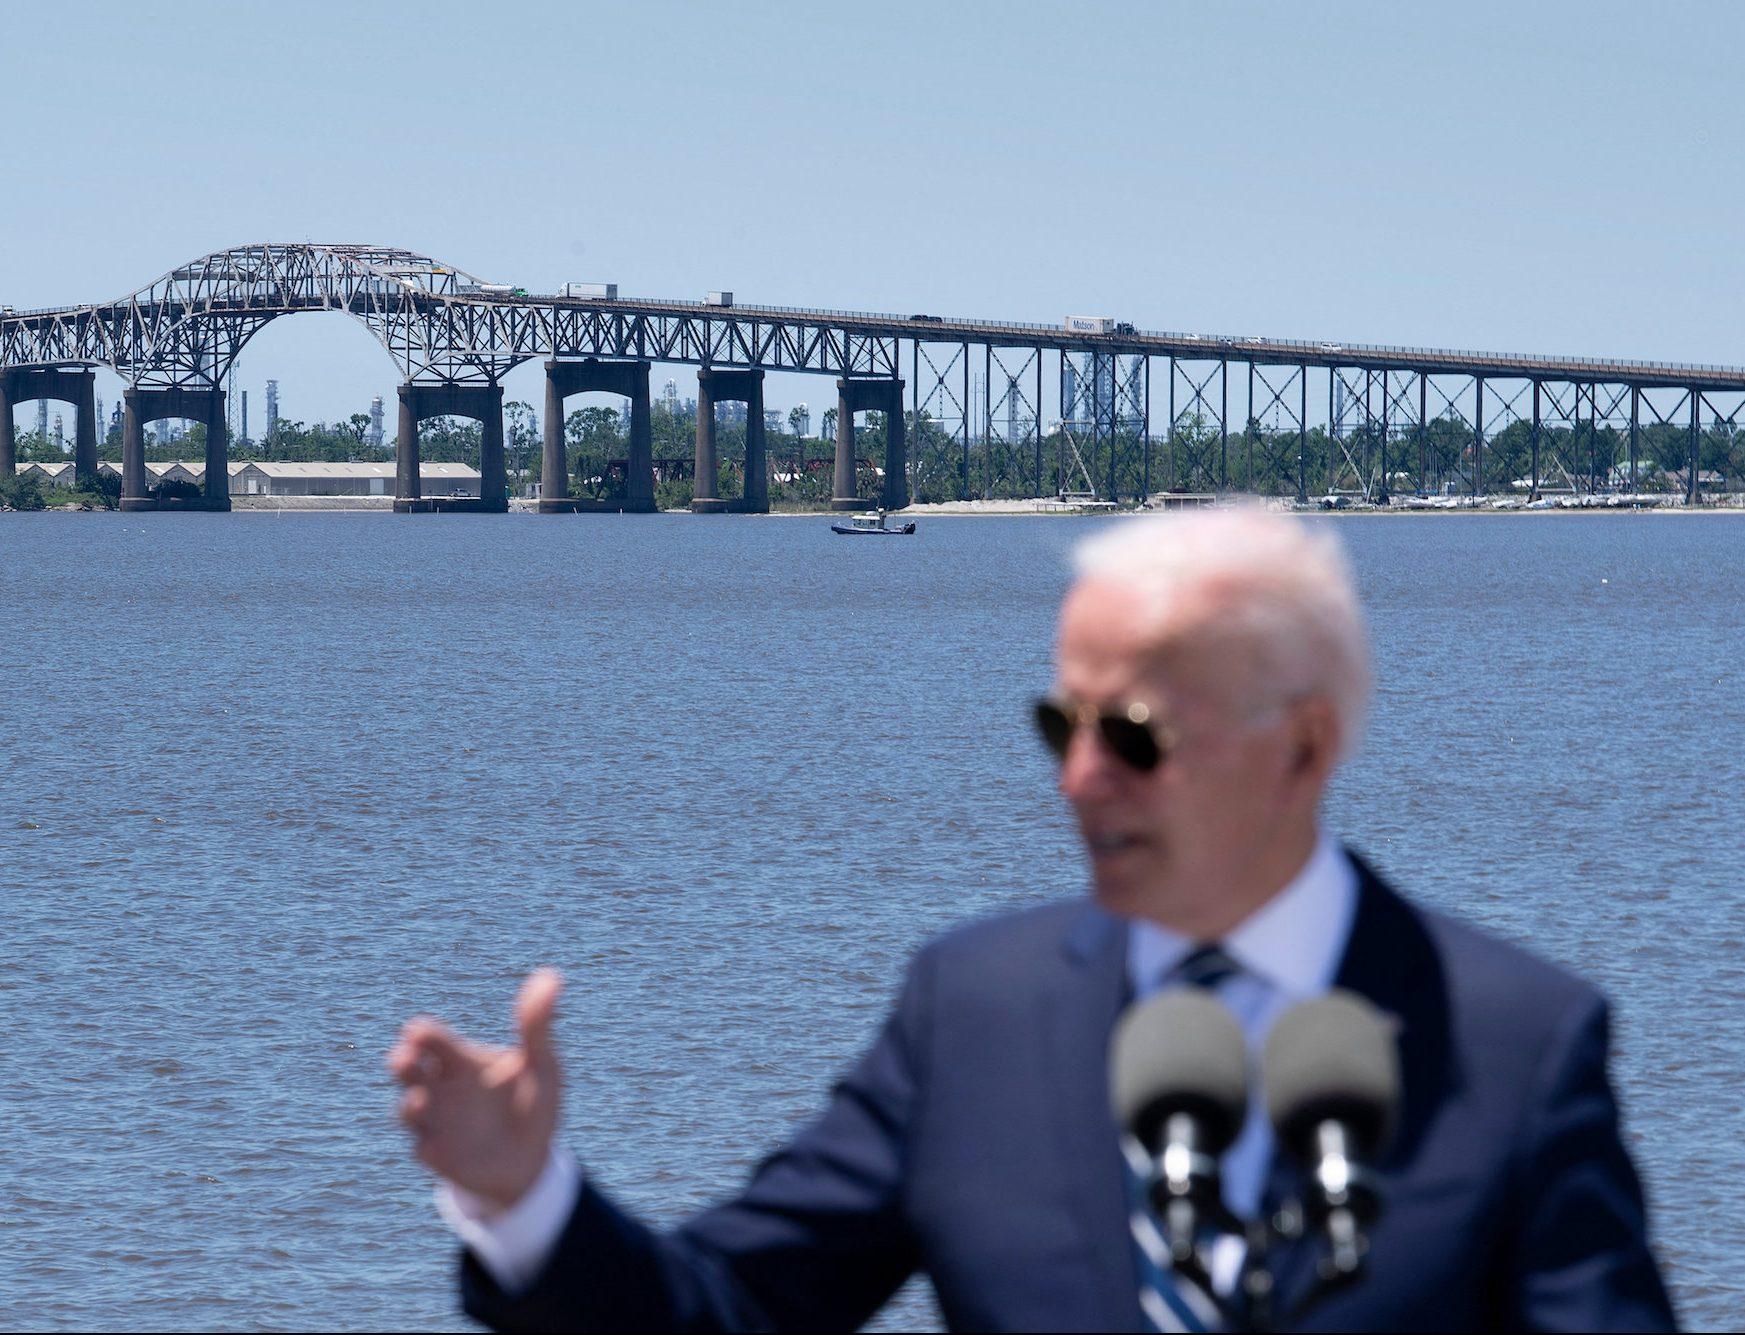 biden speaking in front of bridge and water